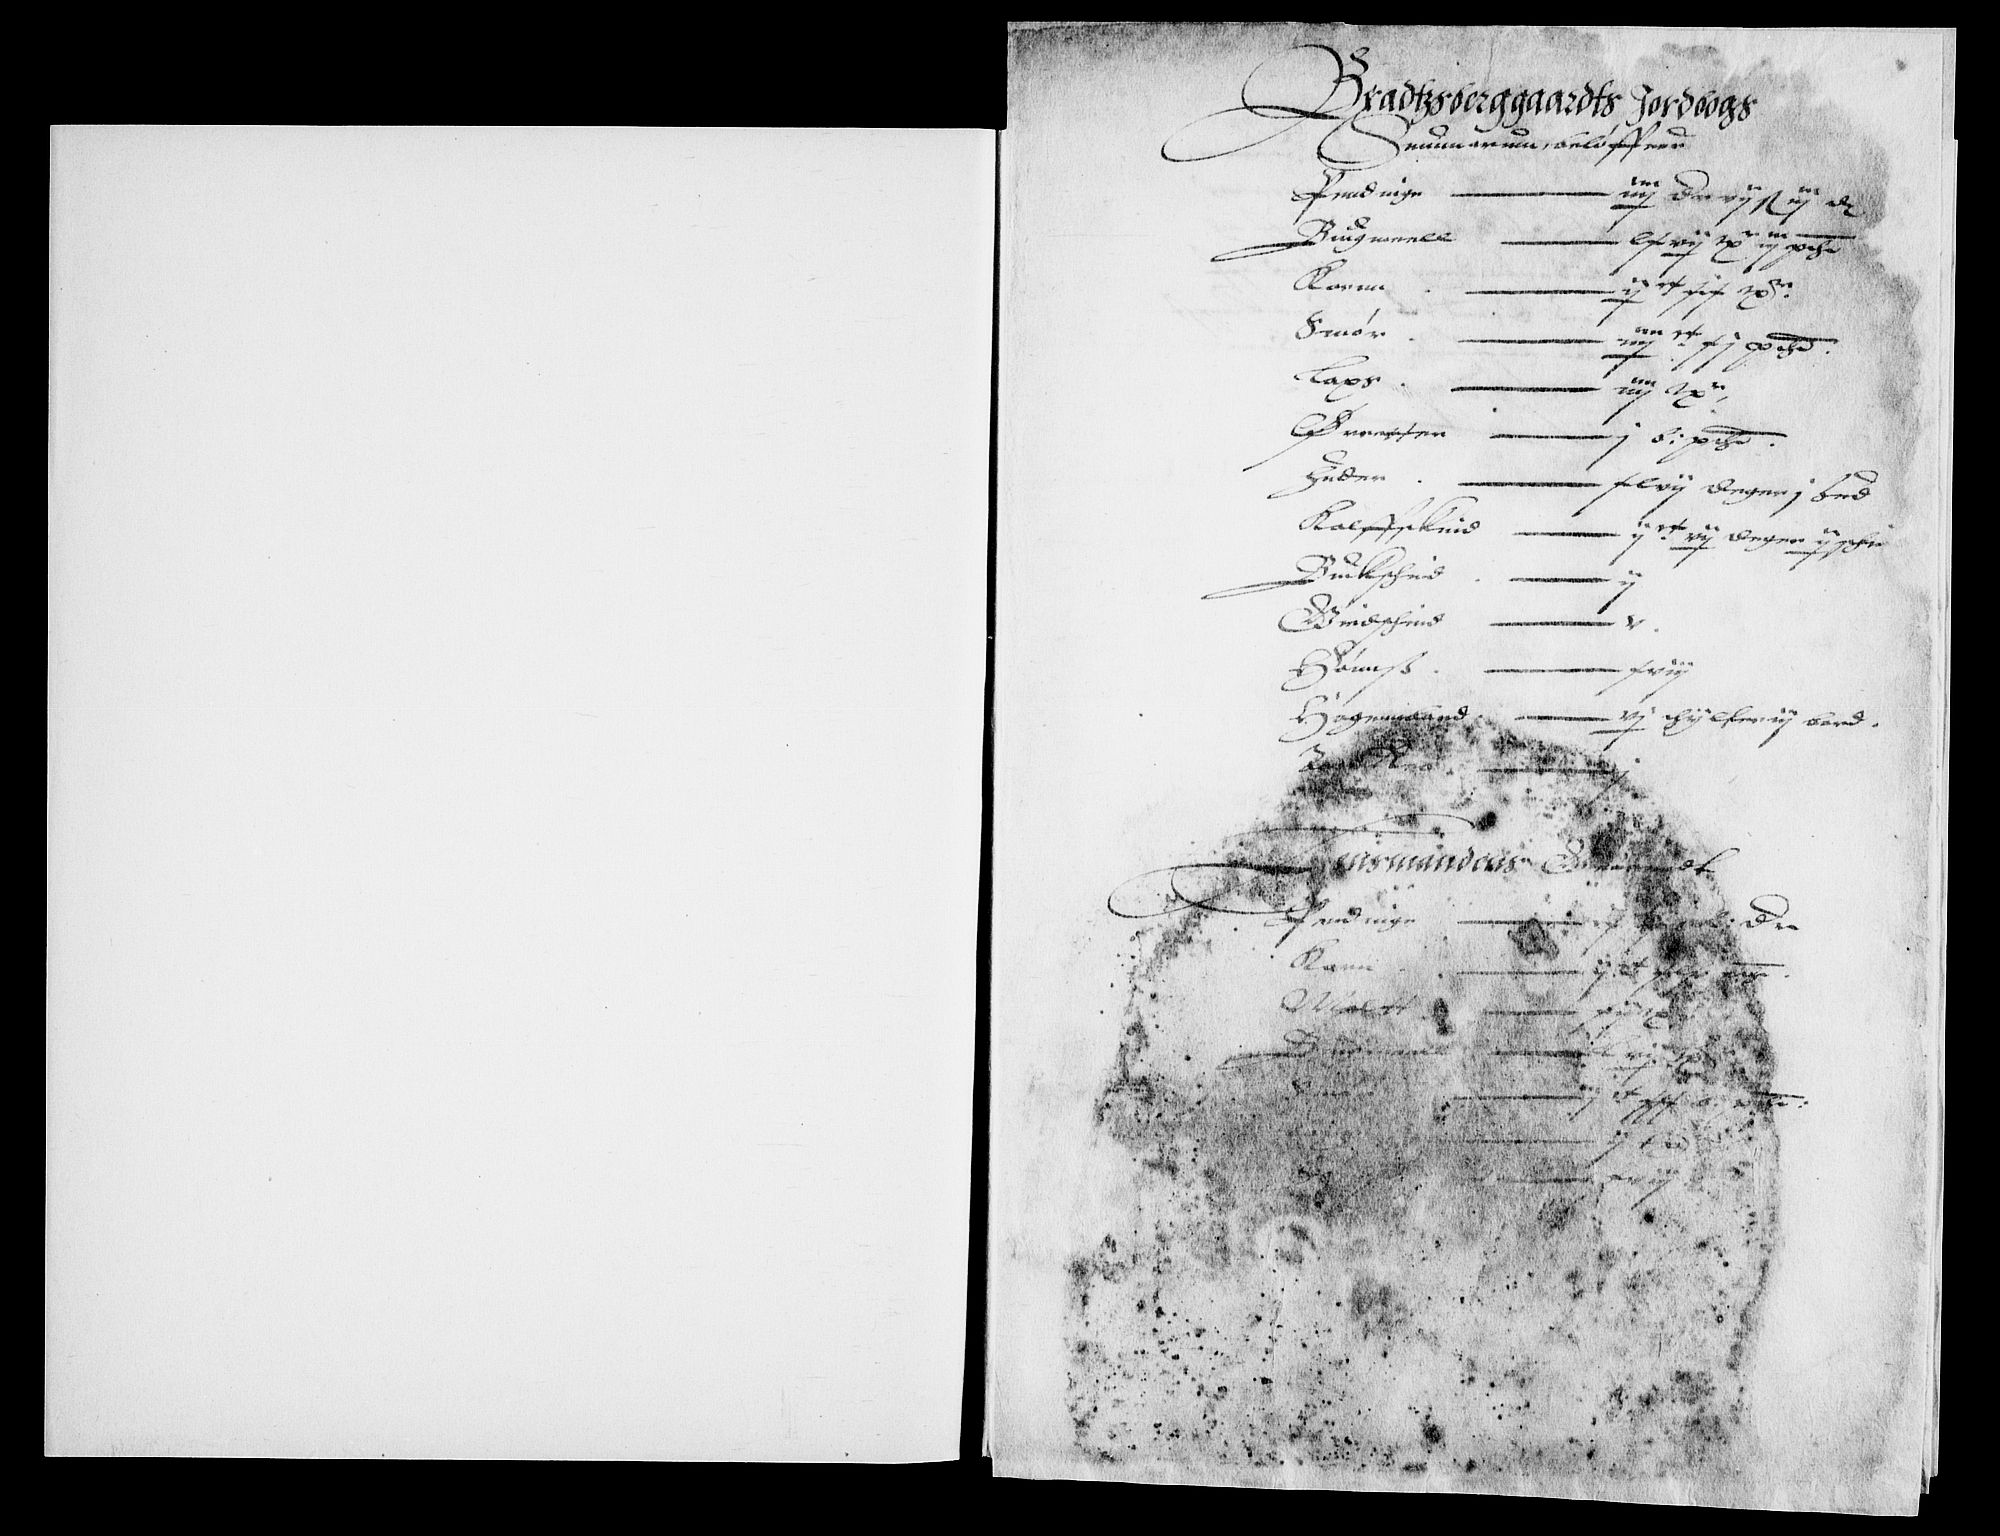 RA, Danske Kanselli, Skapsaker, G/L0019: Tillegg til skapsakene, 1616-1753, s. 56